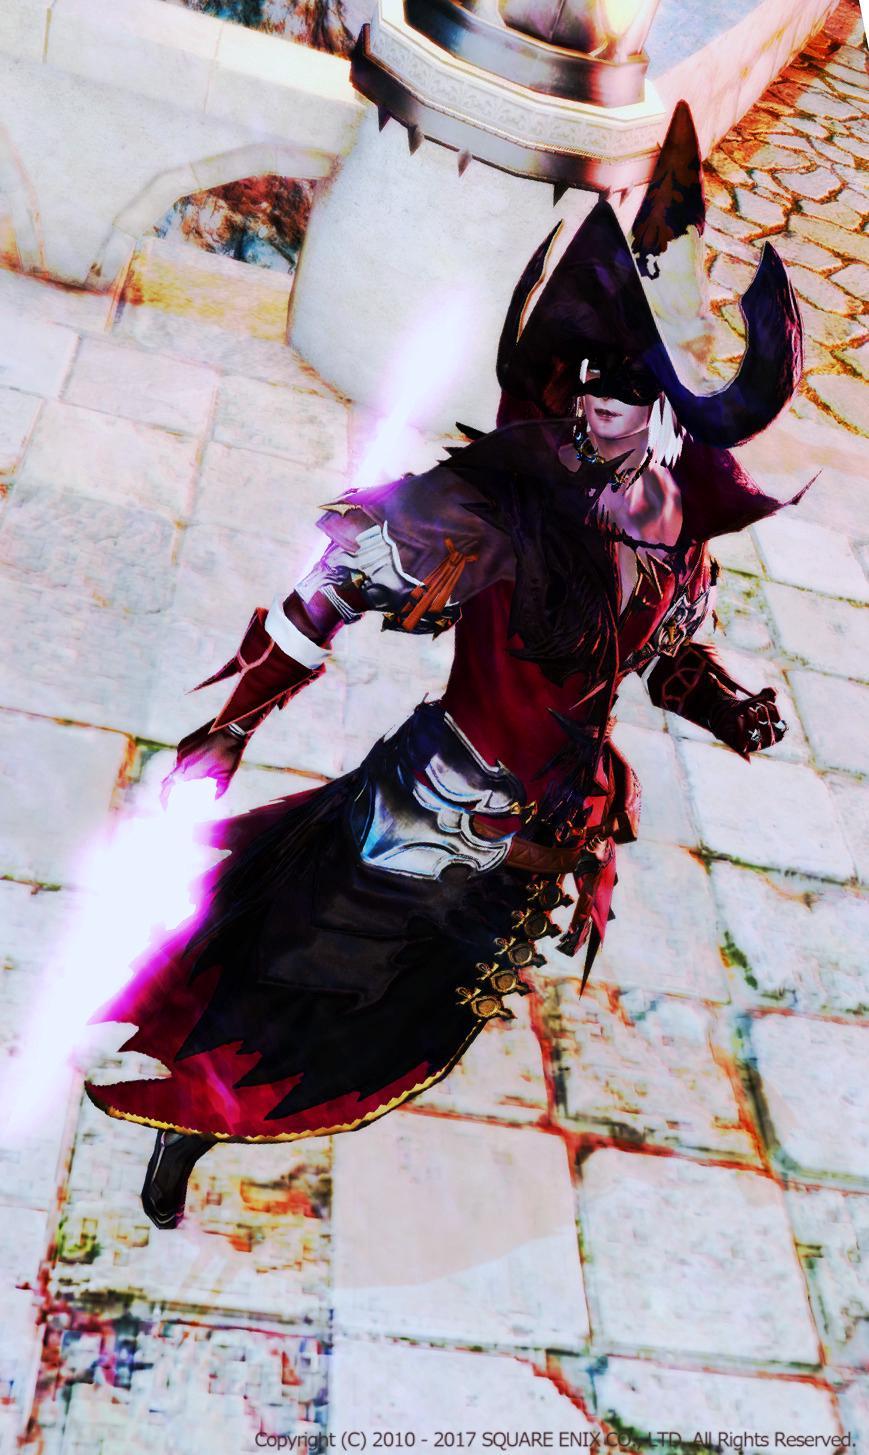 暗黒系黒魔道士